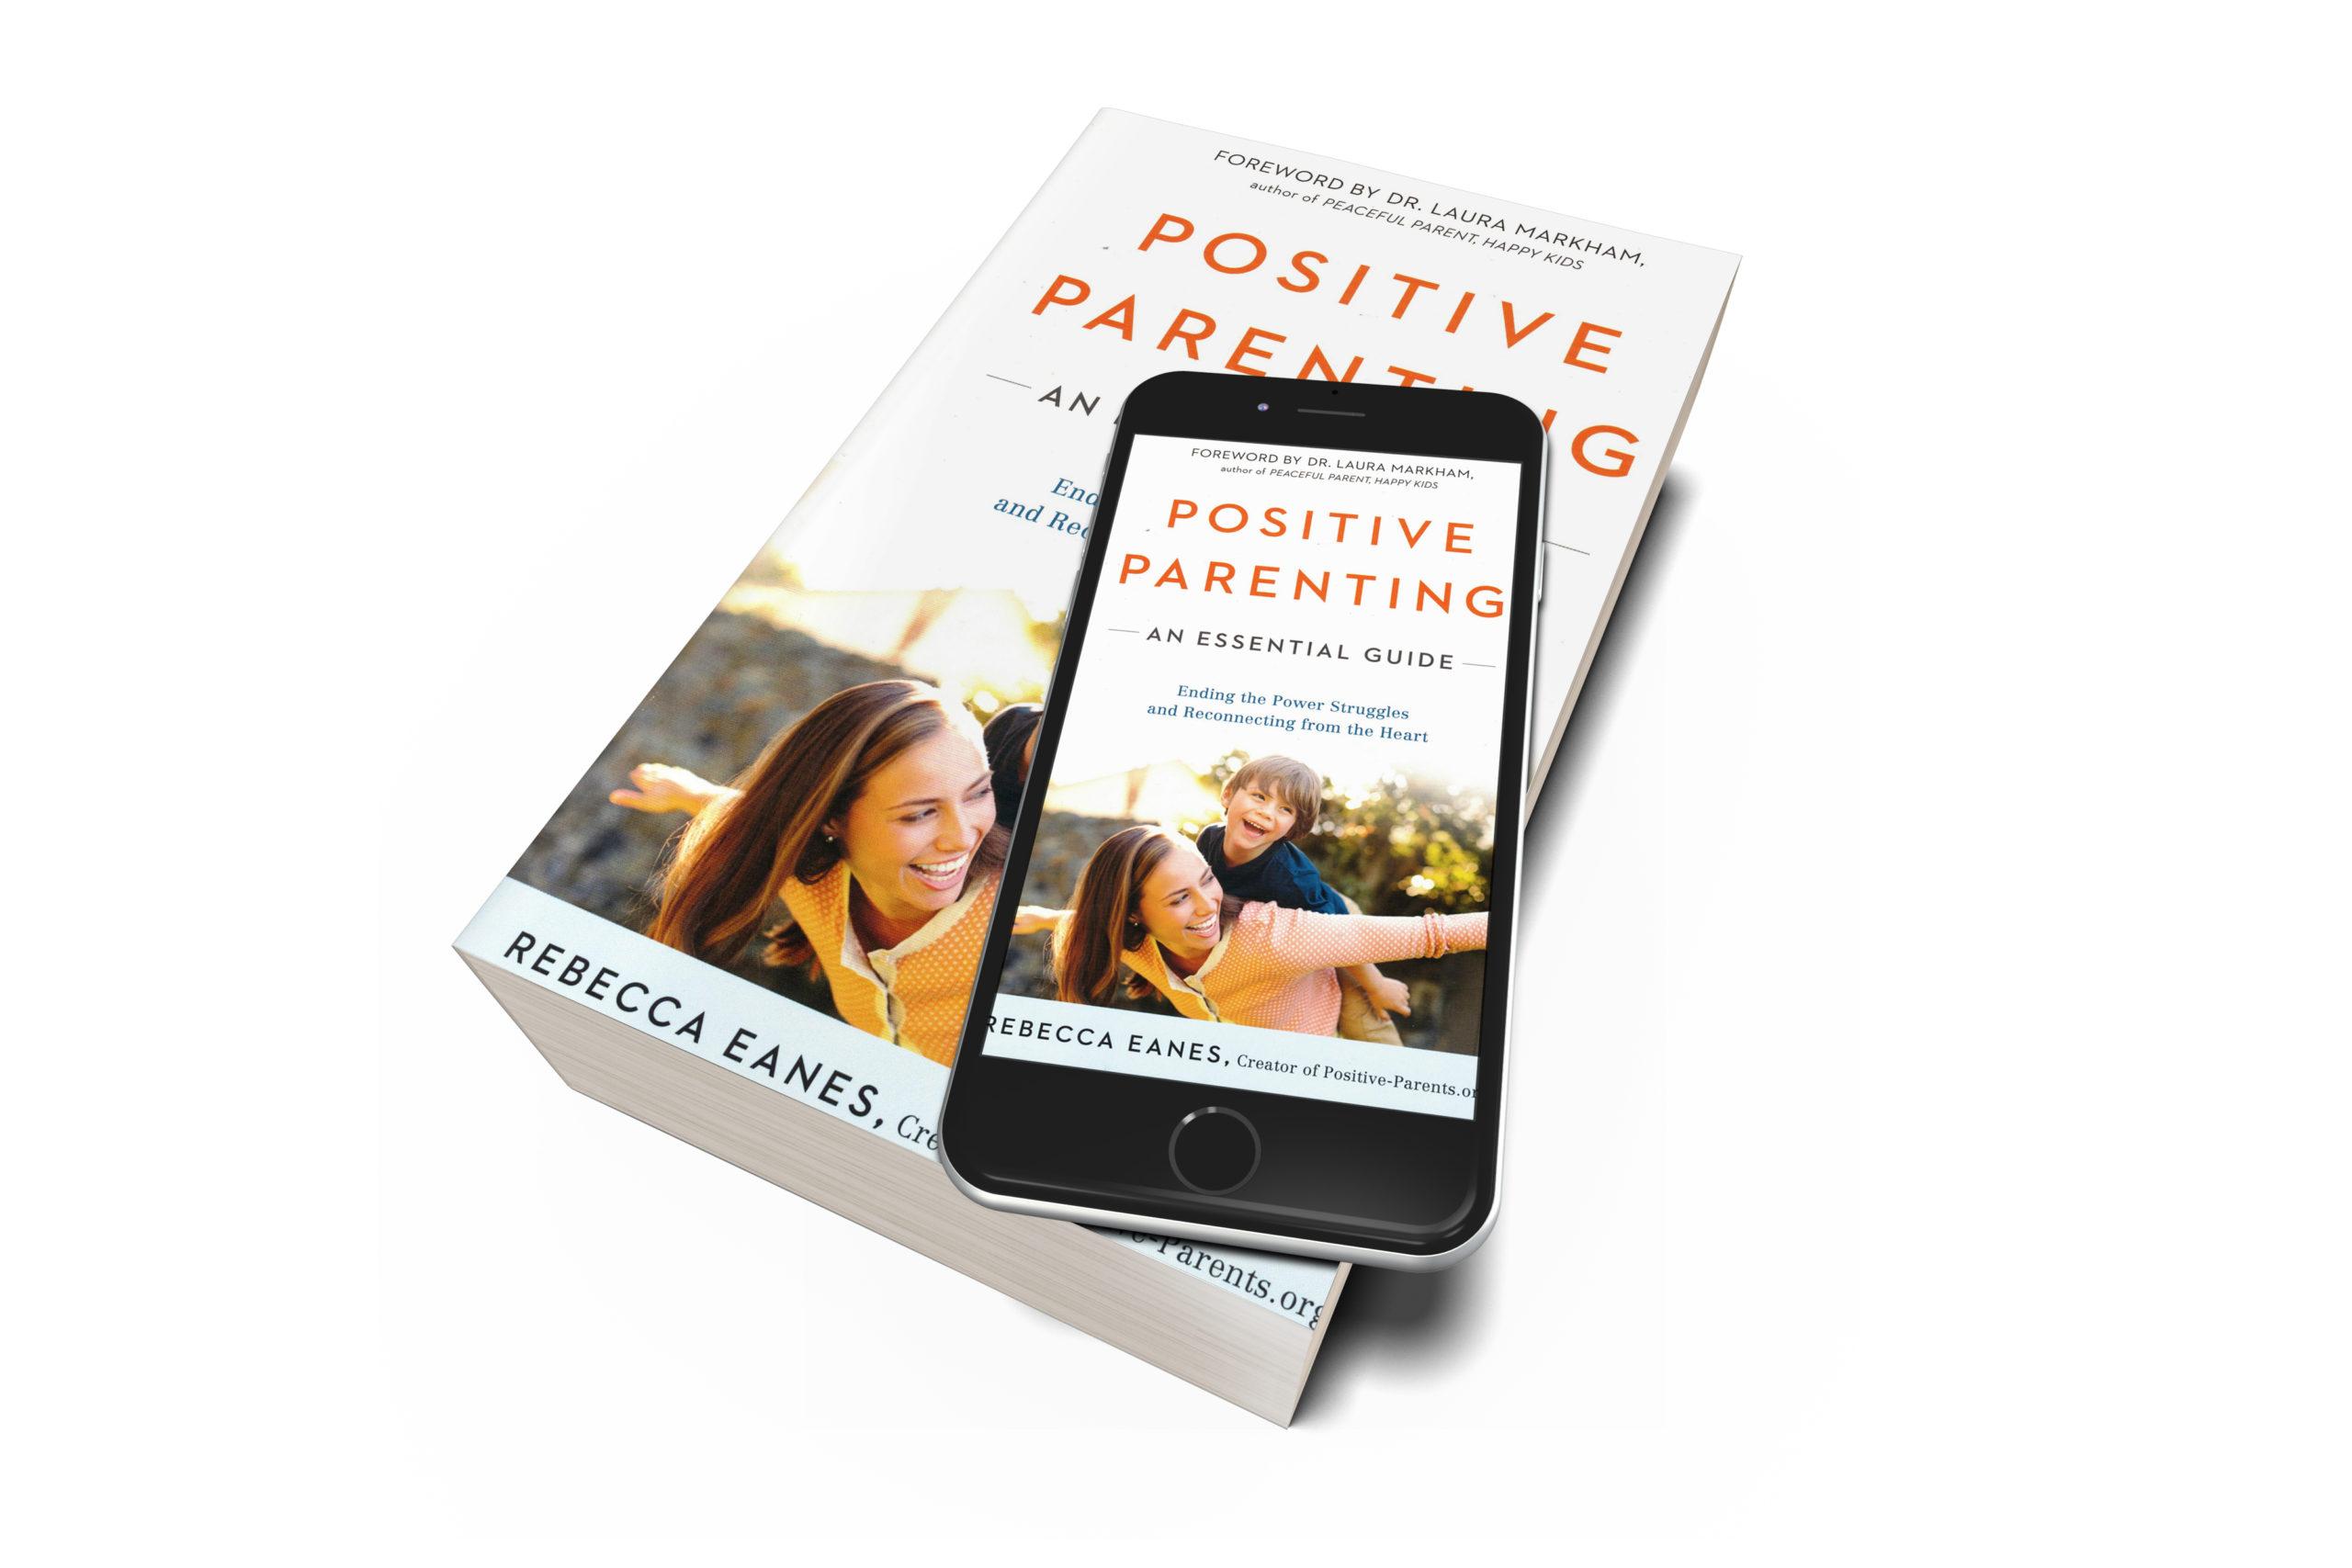 couverture du livrela Parentalité Positive par Rebecca Eanes